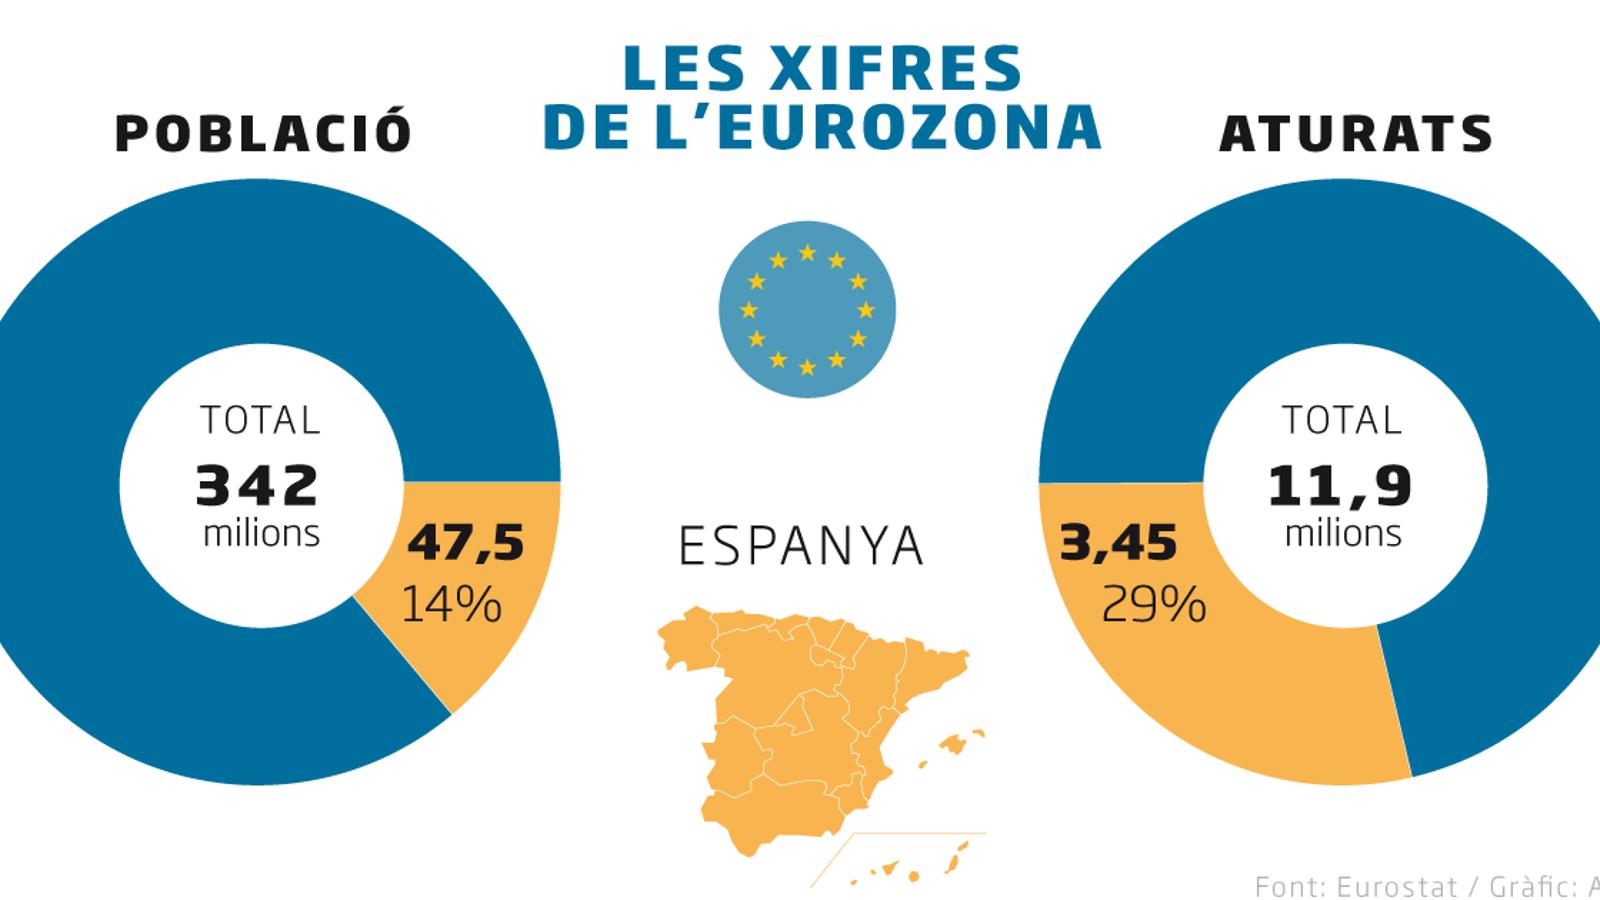 Espanya ja acumula el 29% dels aturats d'Europa tot i suposar el 14% de la població